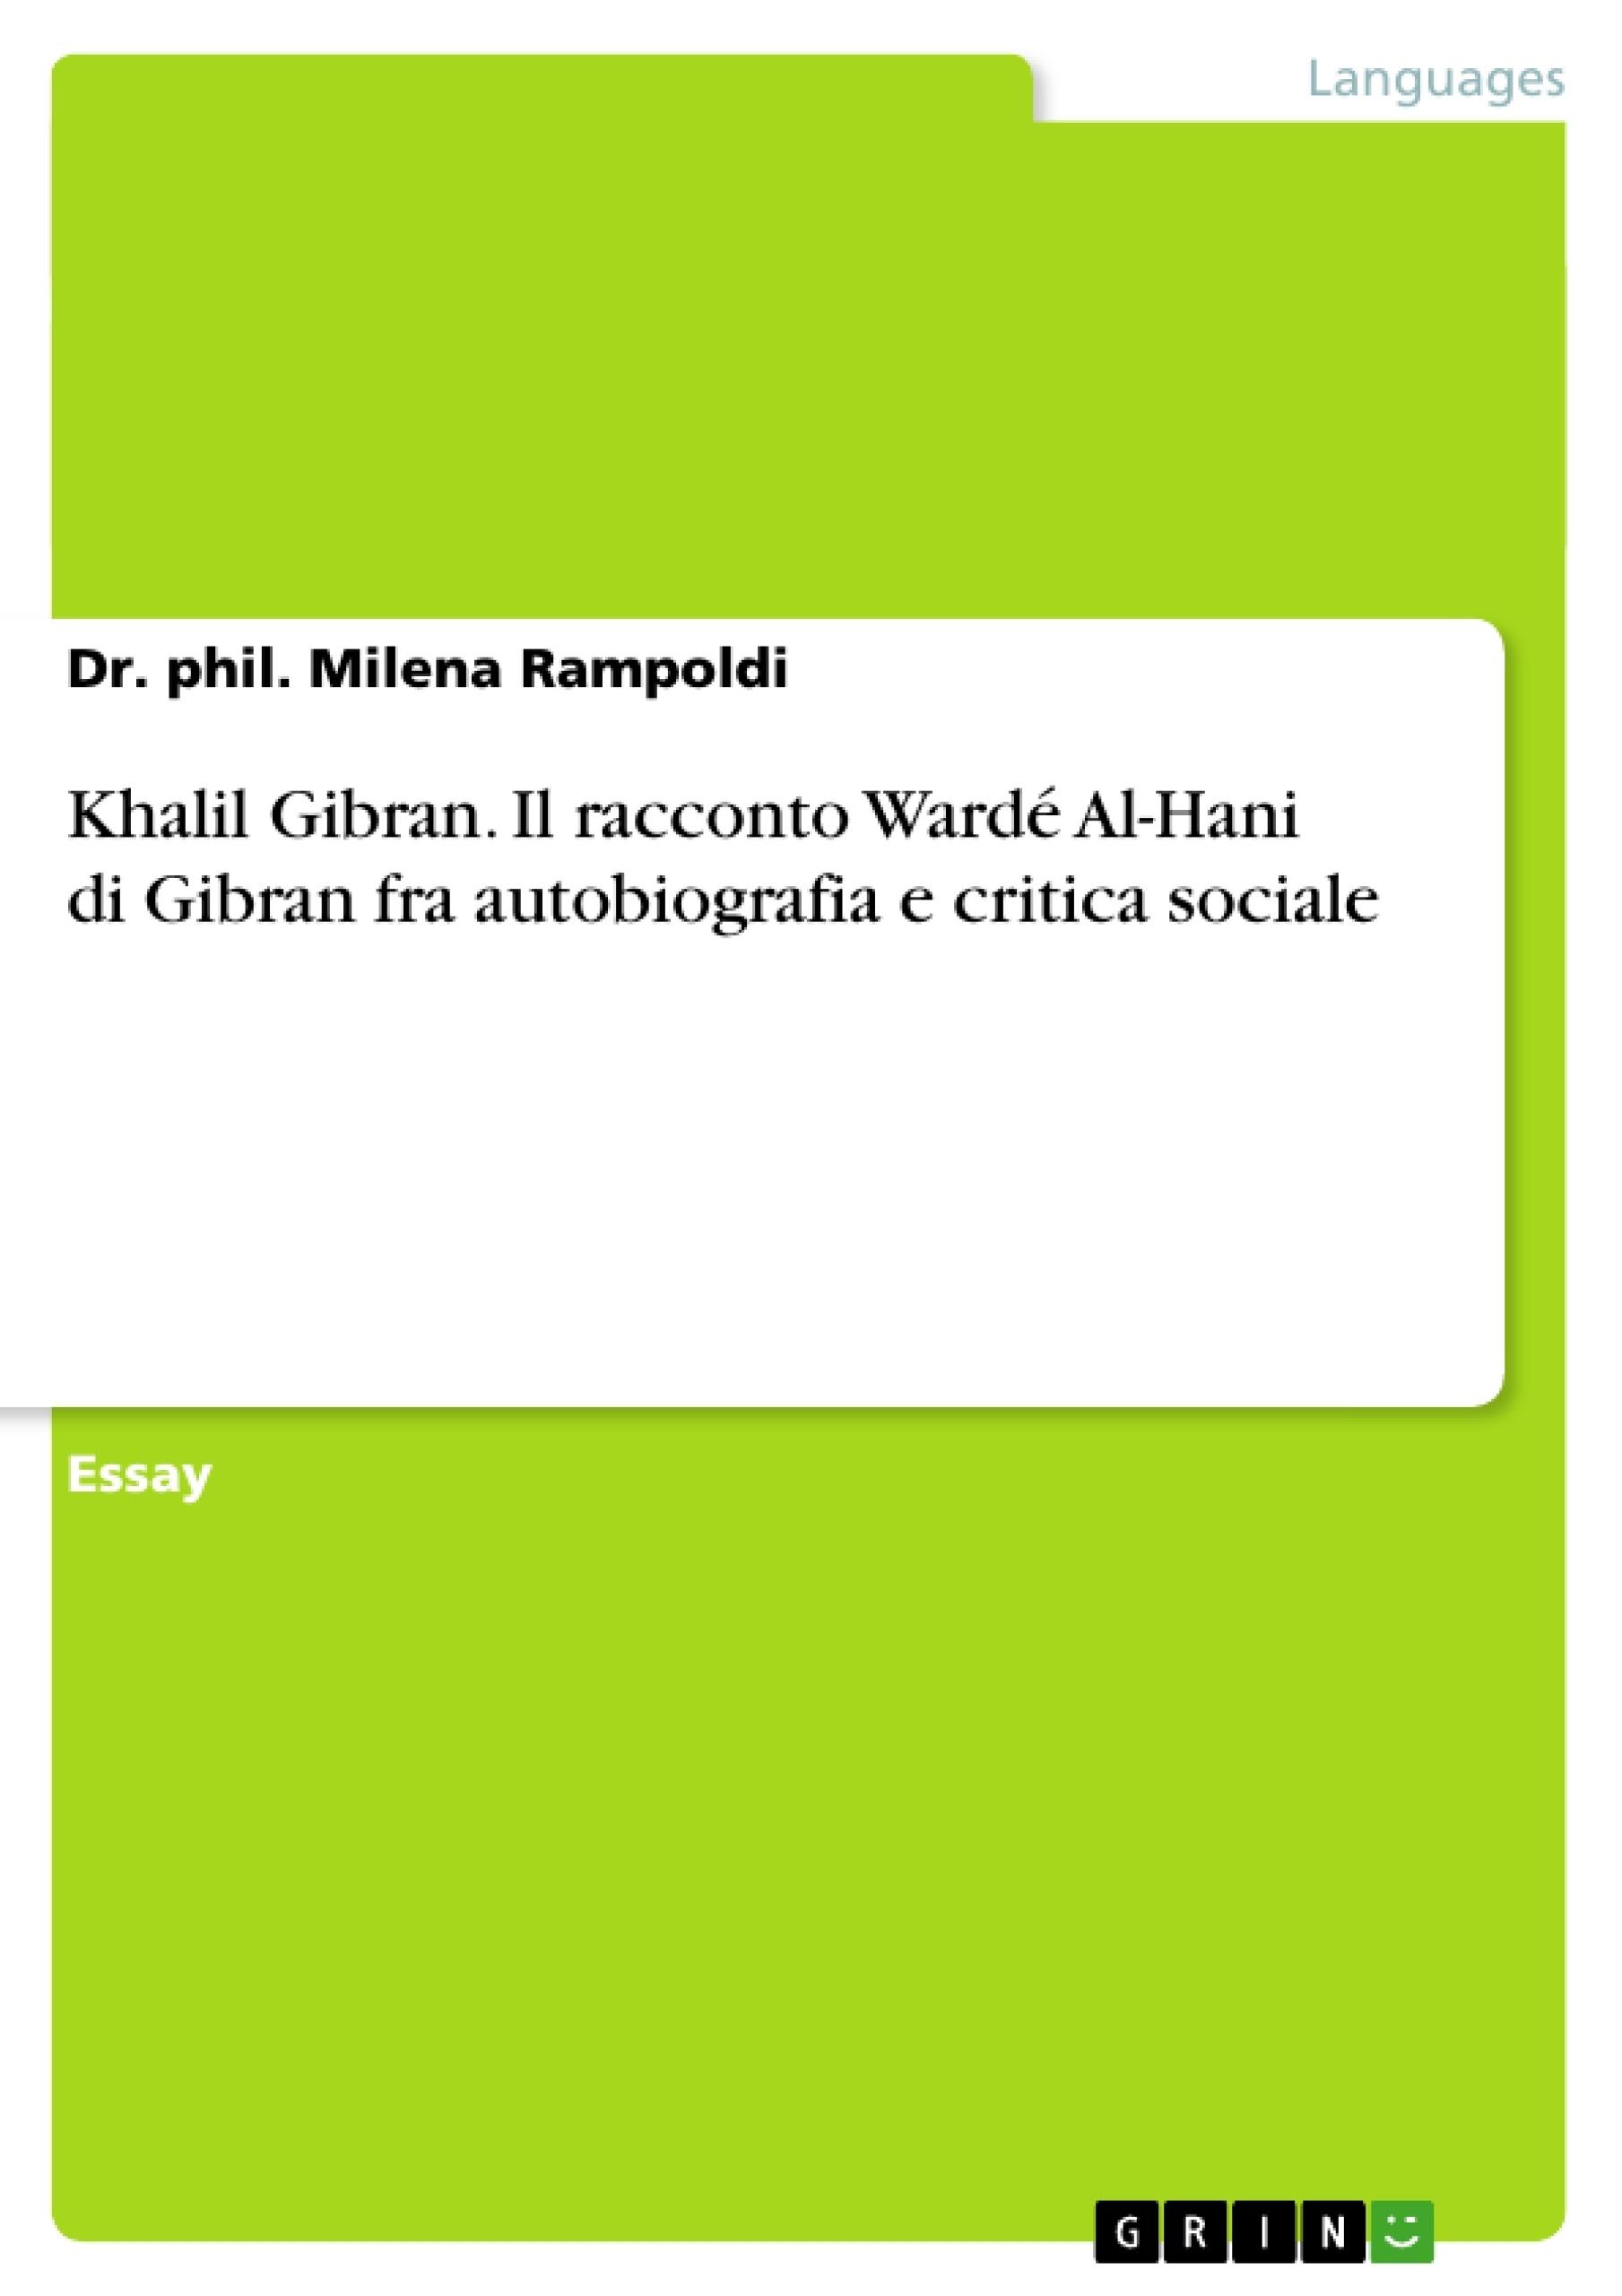 Title: Khalil Gibran. Il racconto Wardé Al-Hani di Gibran fra autobiografia e critica sociale